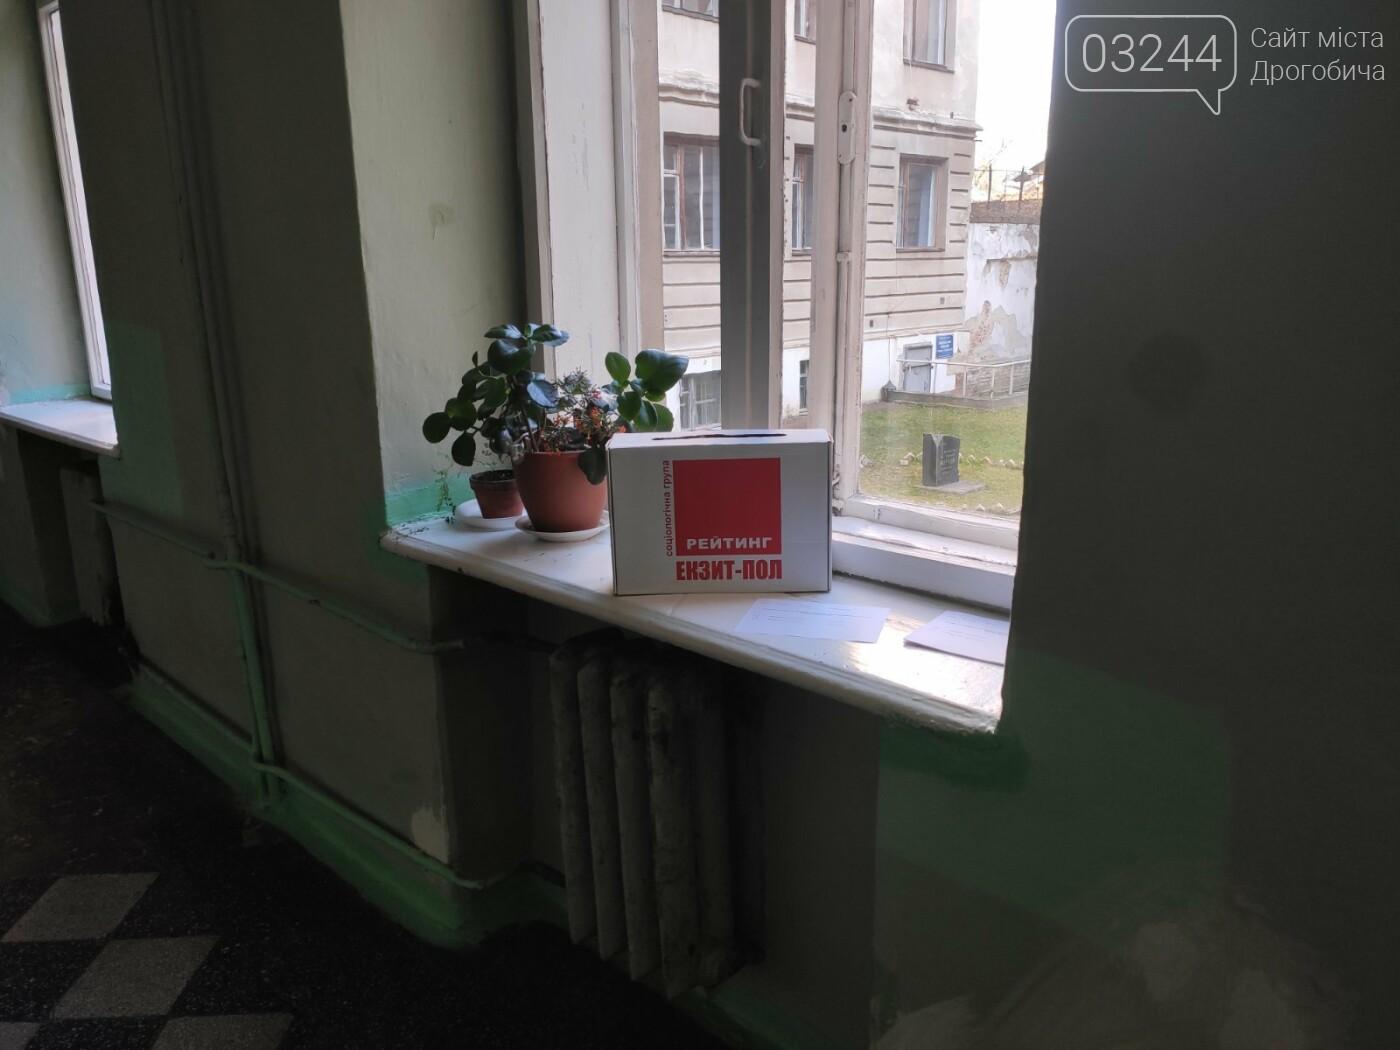 Соціологічна група «Рейтинг» вдруге у Дрогобичі проводить екзит-пол на виборах, - ФОТО, фото-2